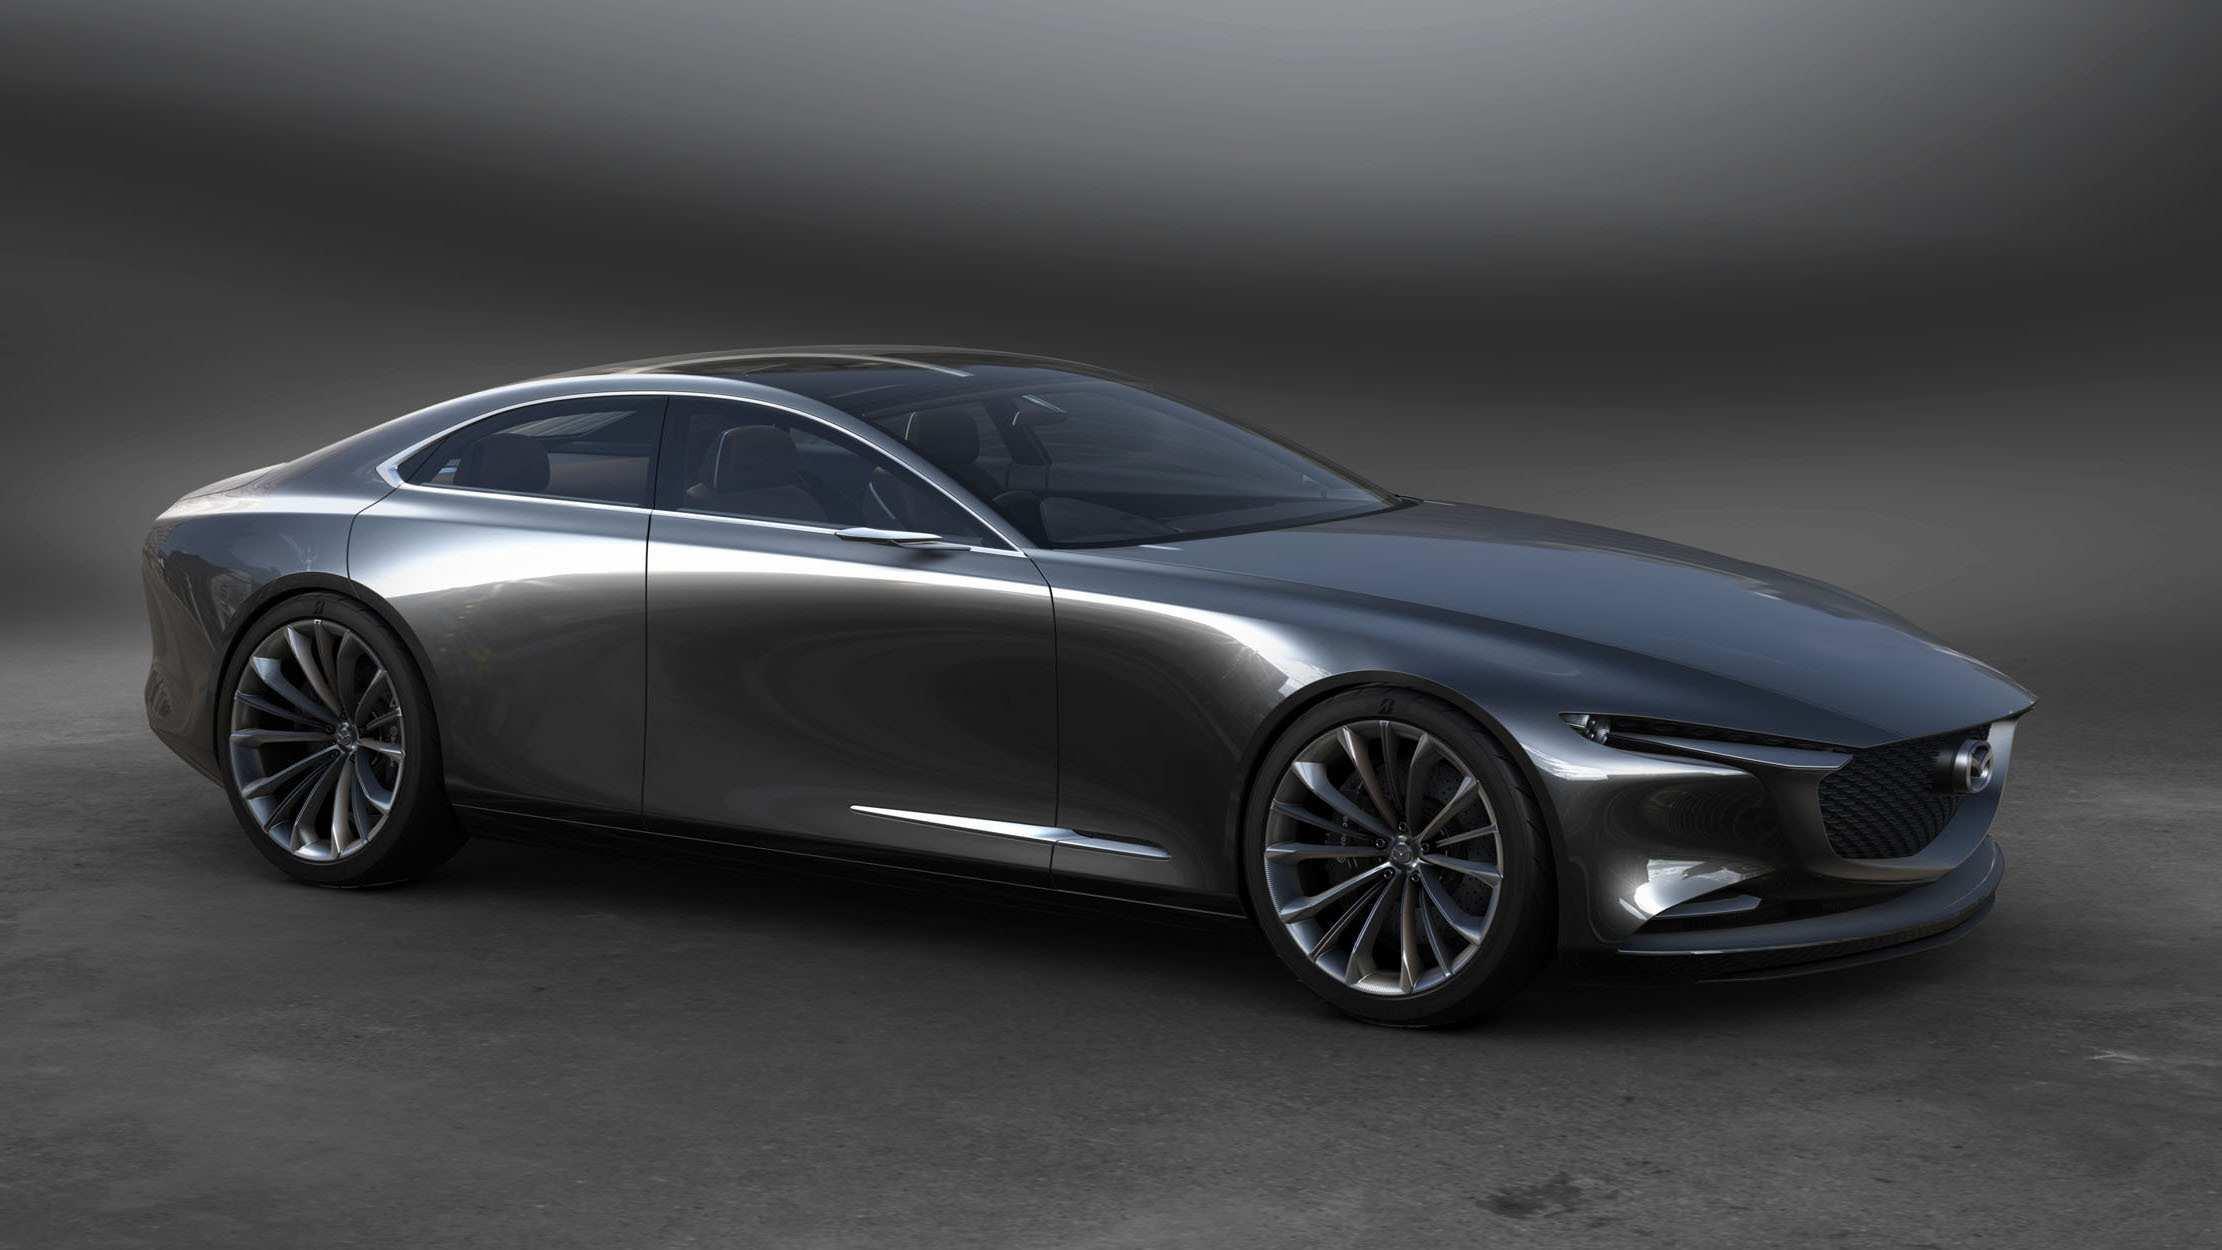 20 New Precio Del Mazda 2020 Exterior and Interior with Precio Del Mazda 2020